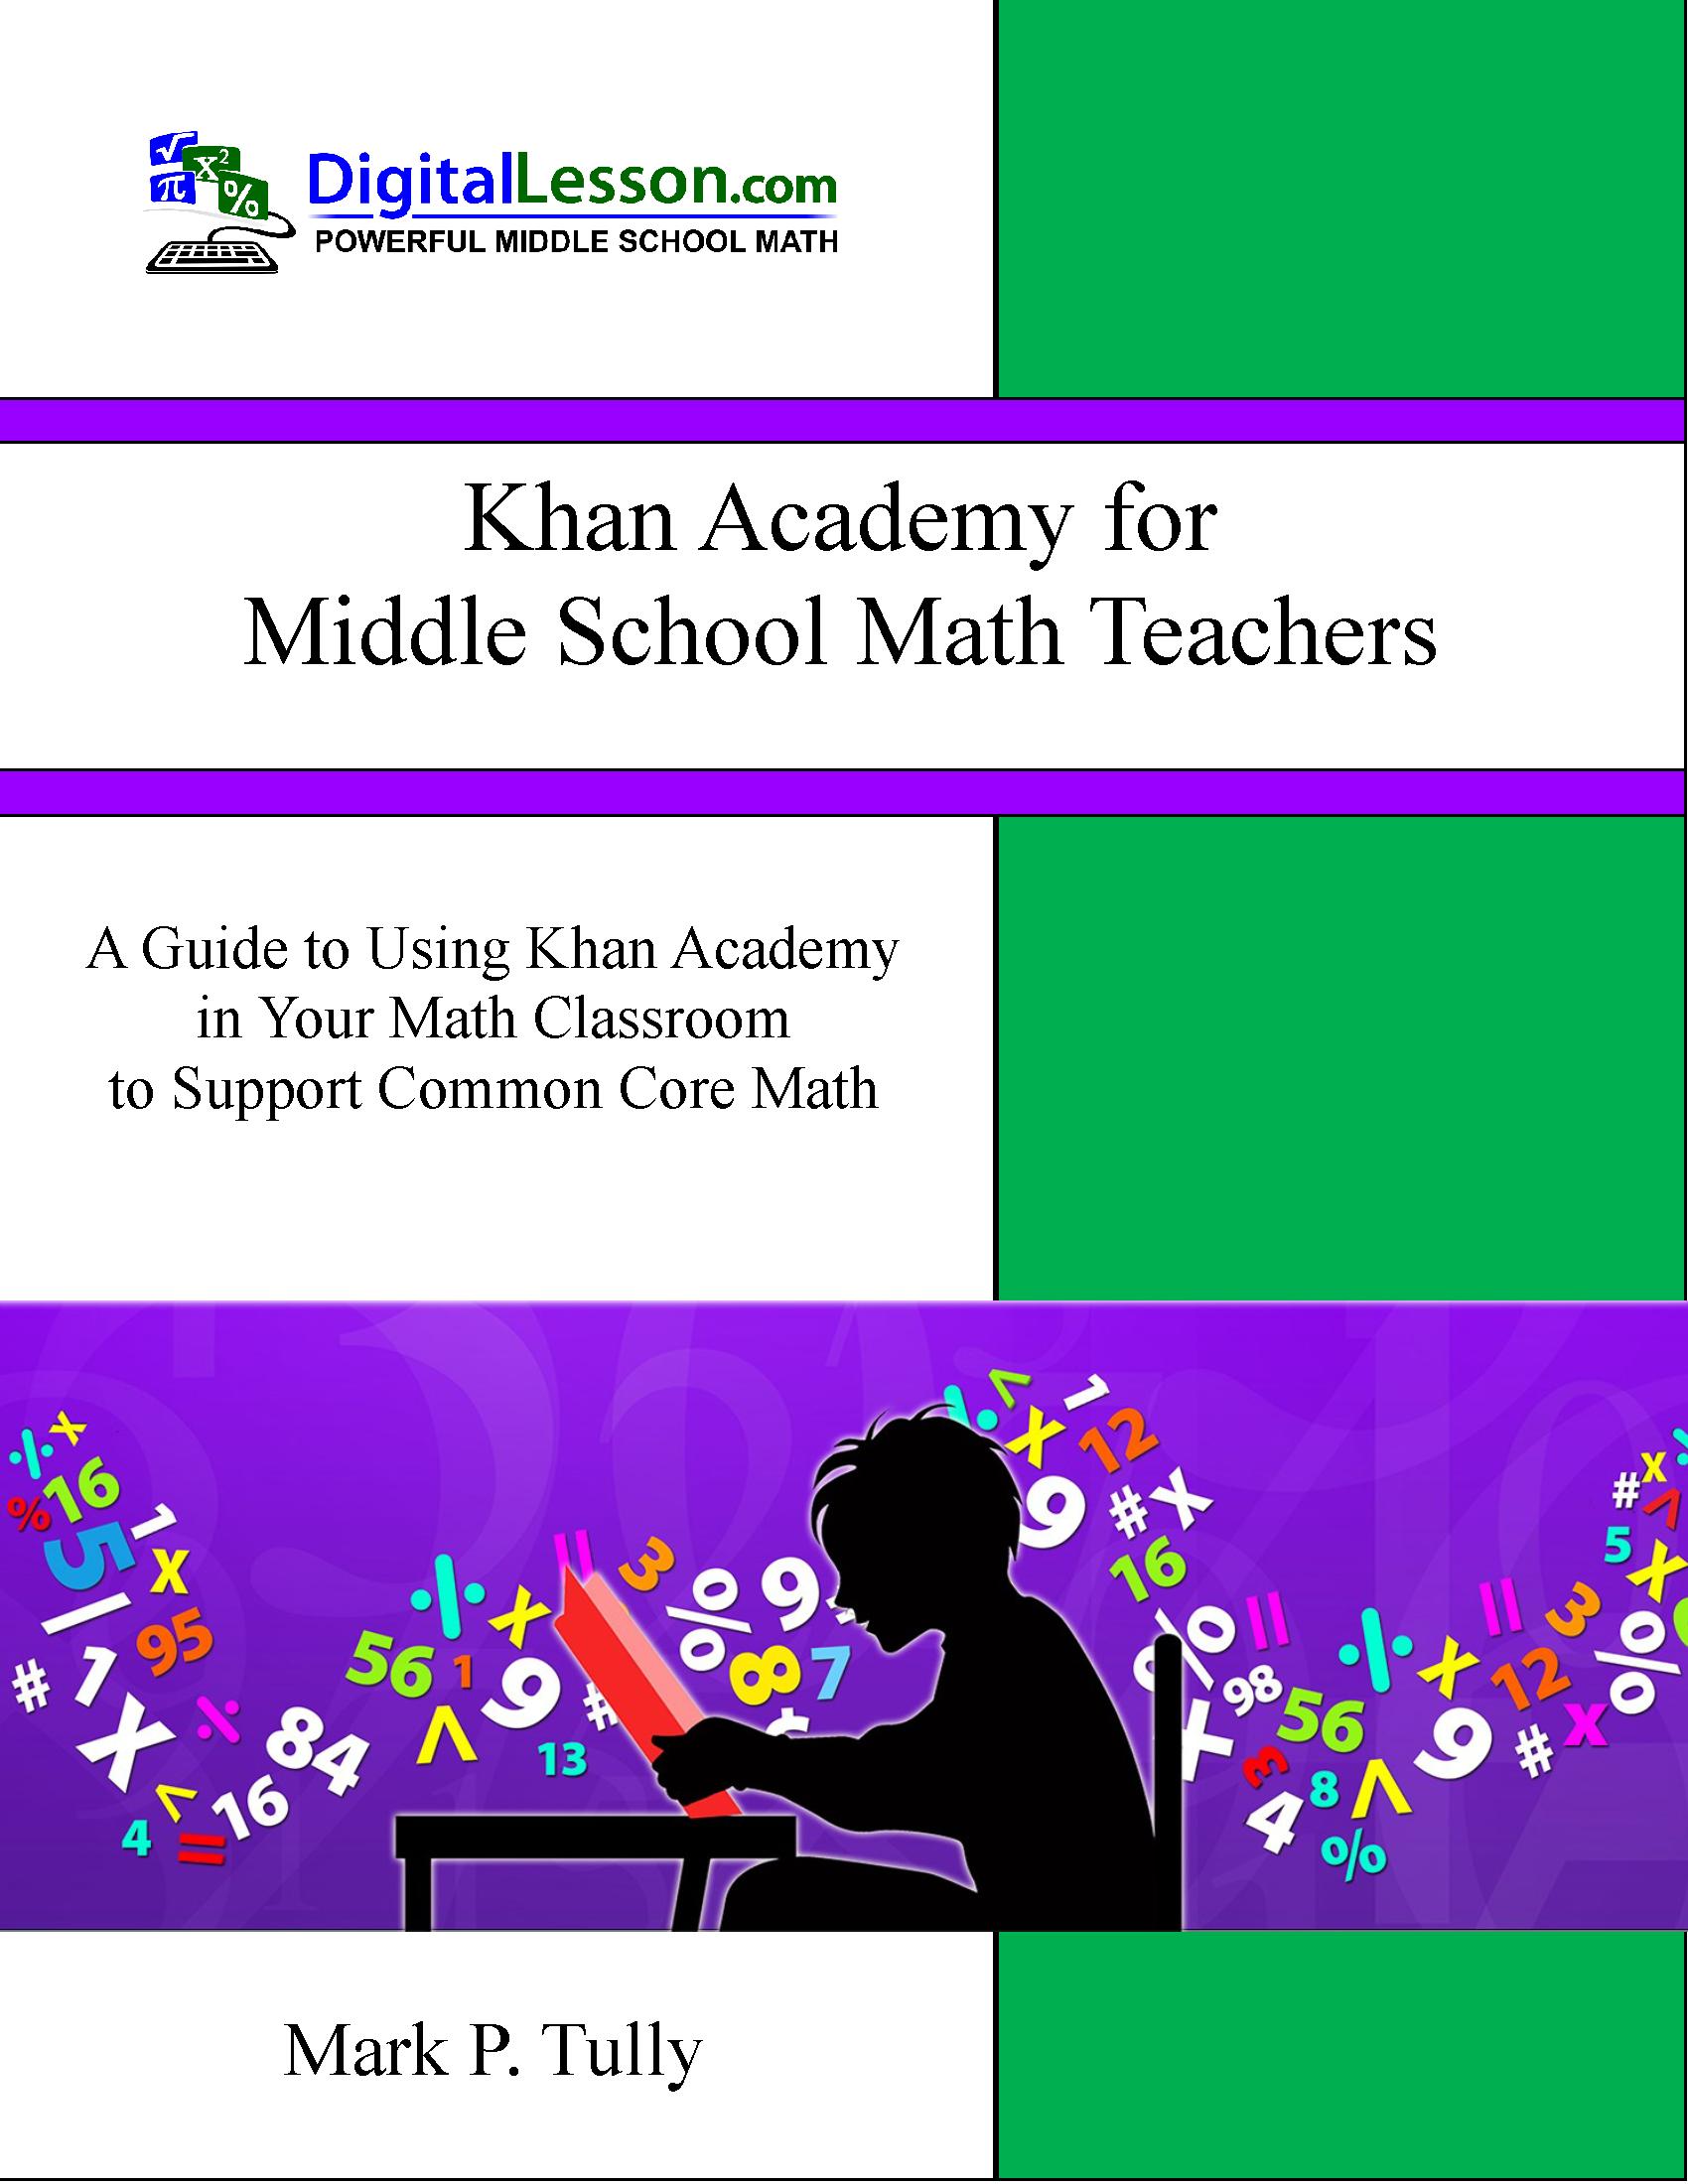 Khan Academy For Middle School Math Teachers Is A Guide To Using Khan Academy Middle School Math Teacher Maths Activities Middle School Free Middle School Math